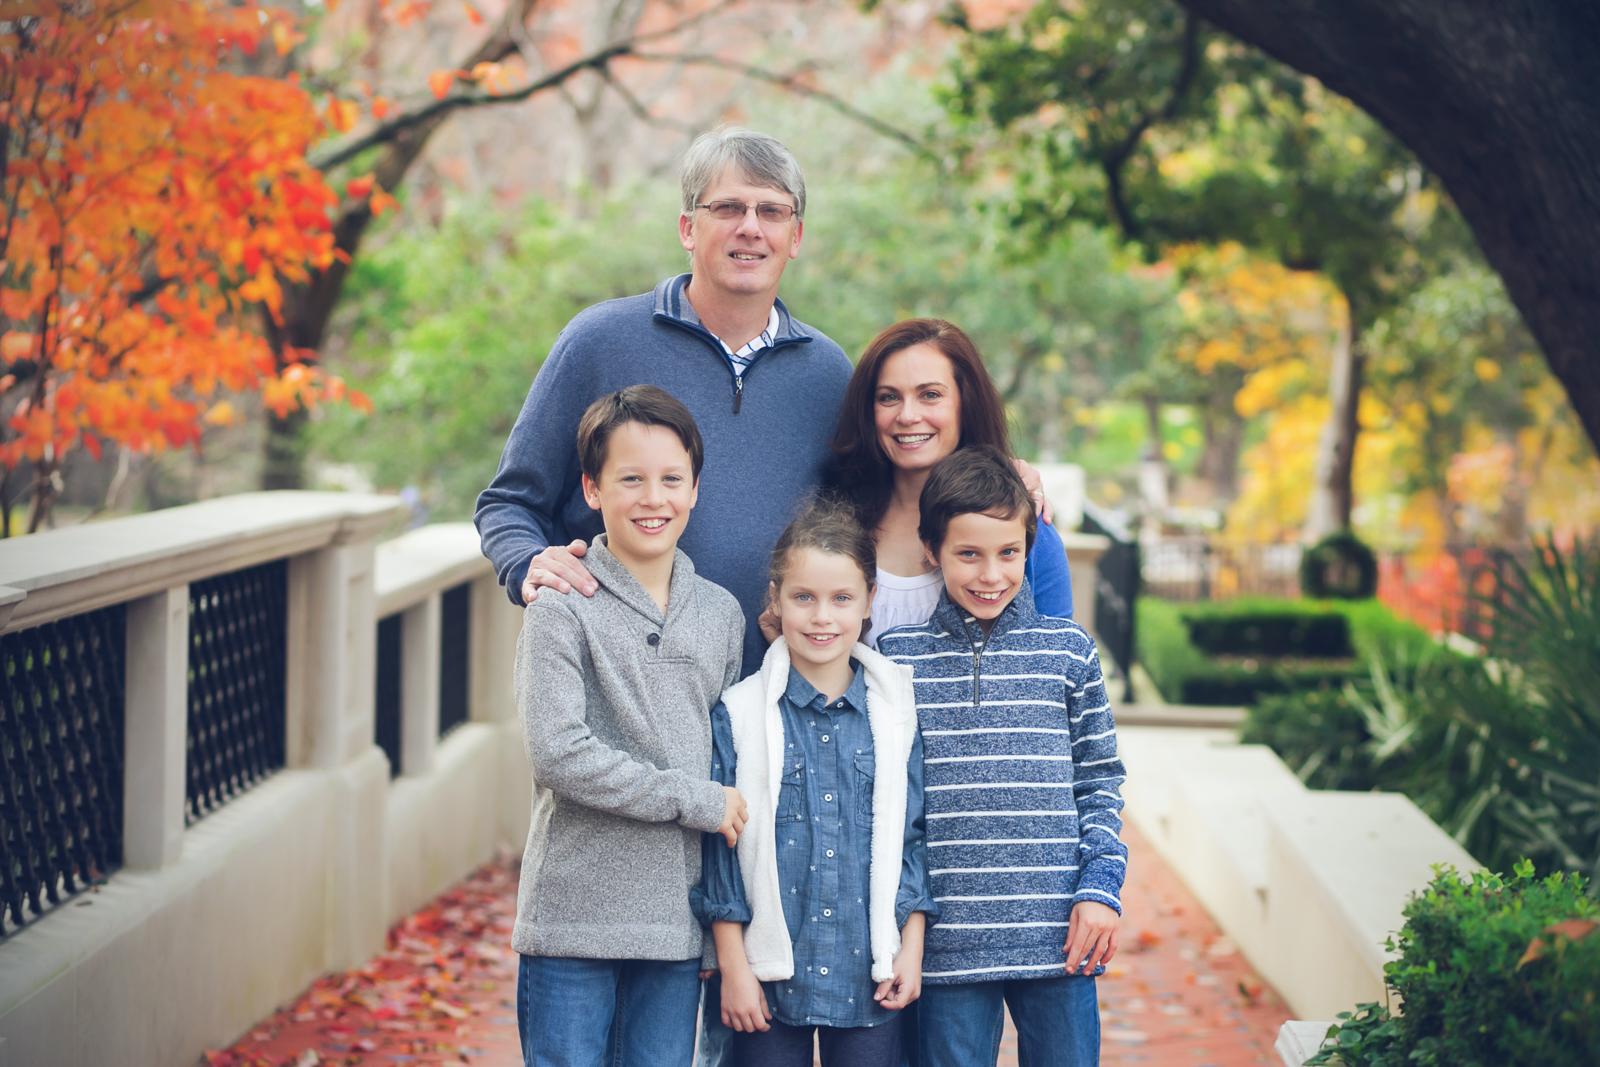 family-outdoors-light-portraits-139.JPG